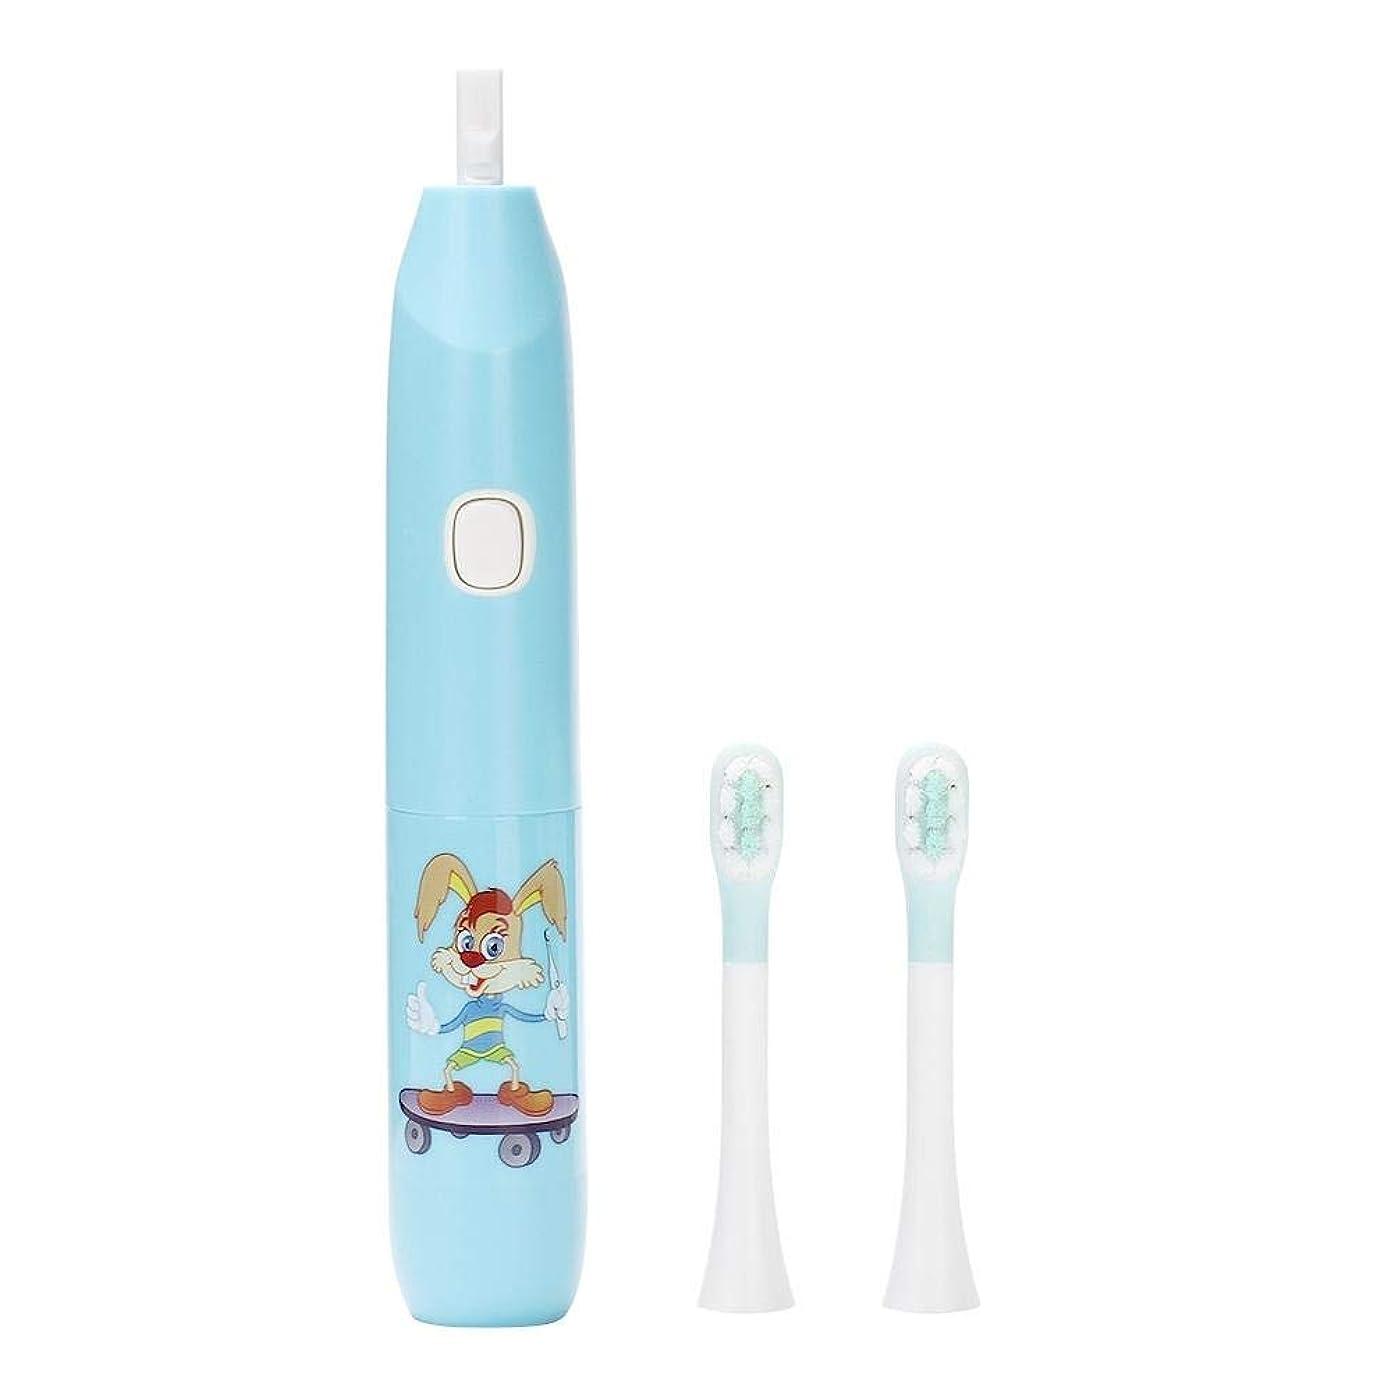 肌寒い振り返るトン電動歯ブラシ、再充電可能な歯ブラシの大人および子供のための口頭ヘルスケアのための深いクリーニングのきれいなブラシの頭部(青)